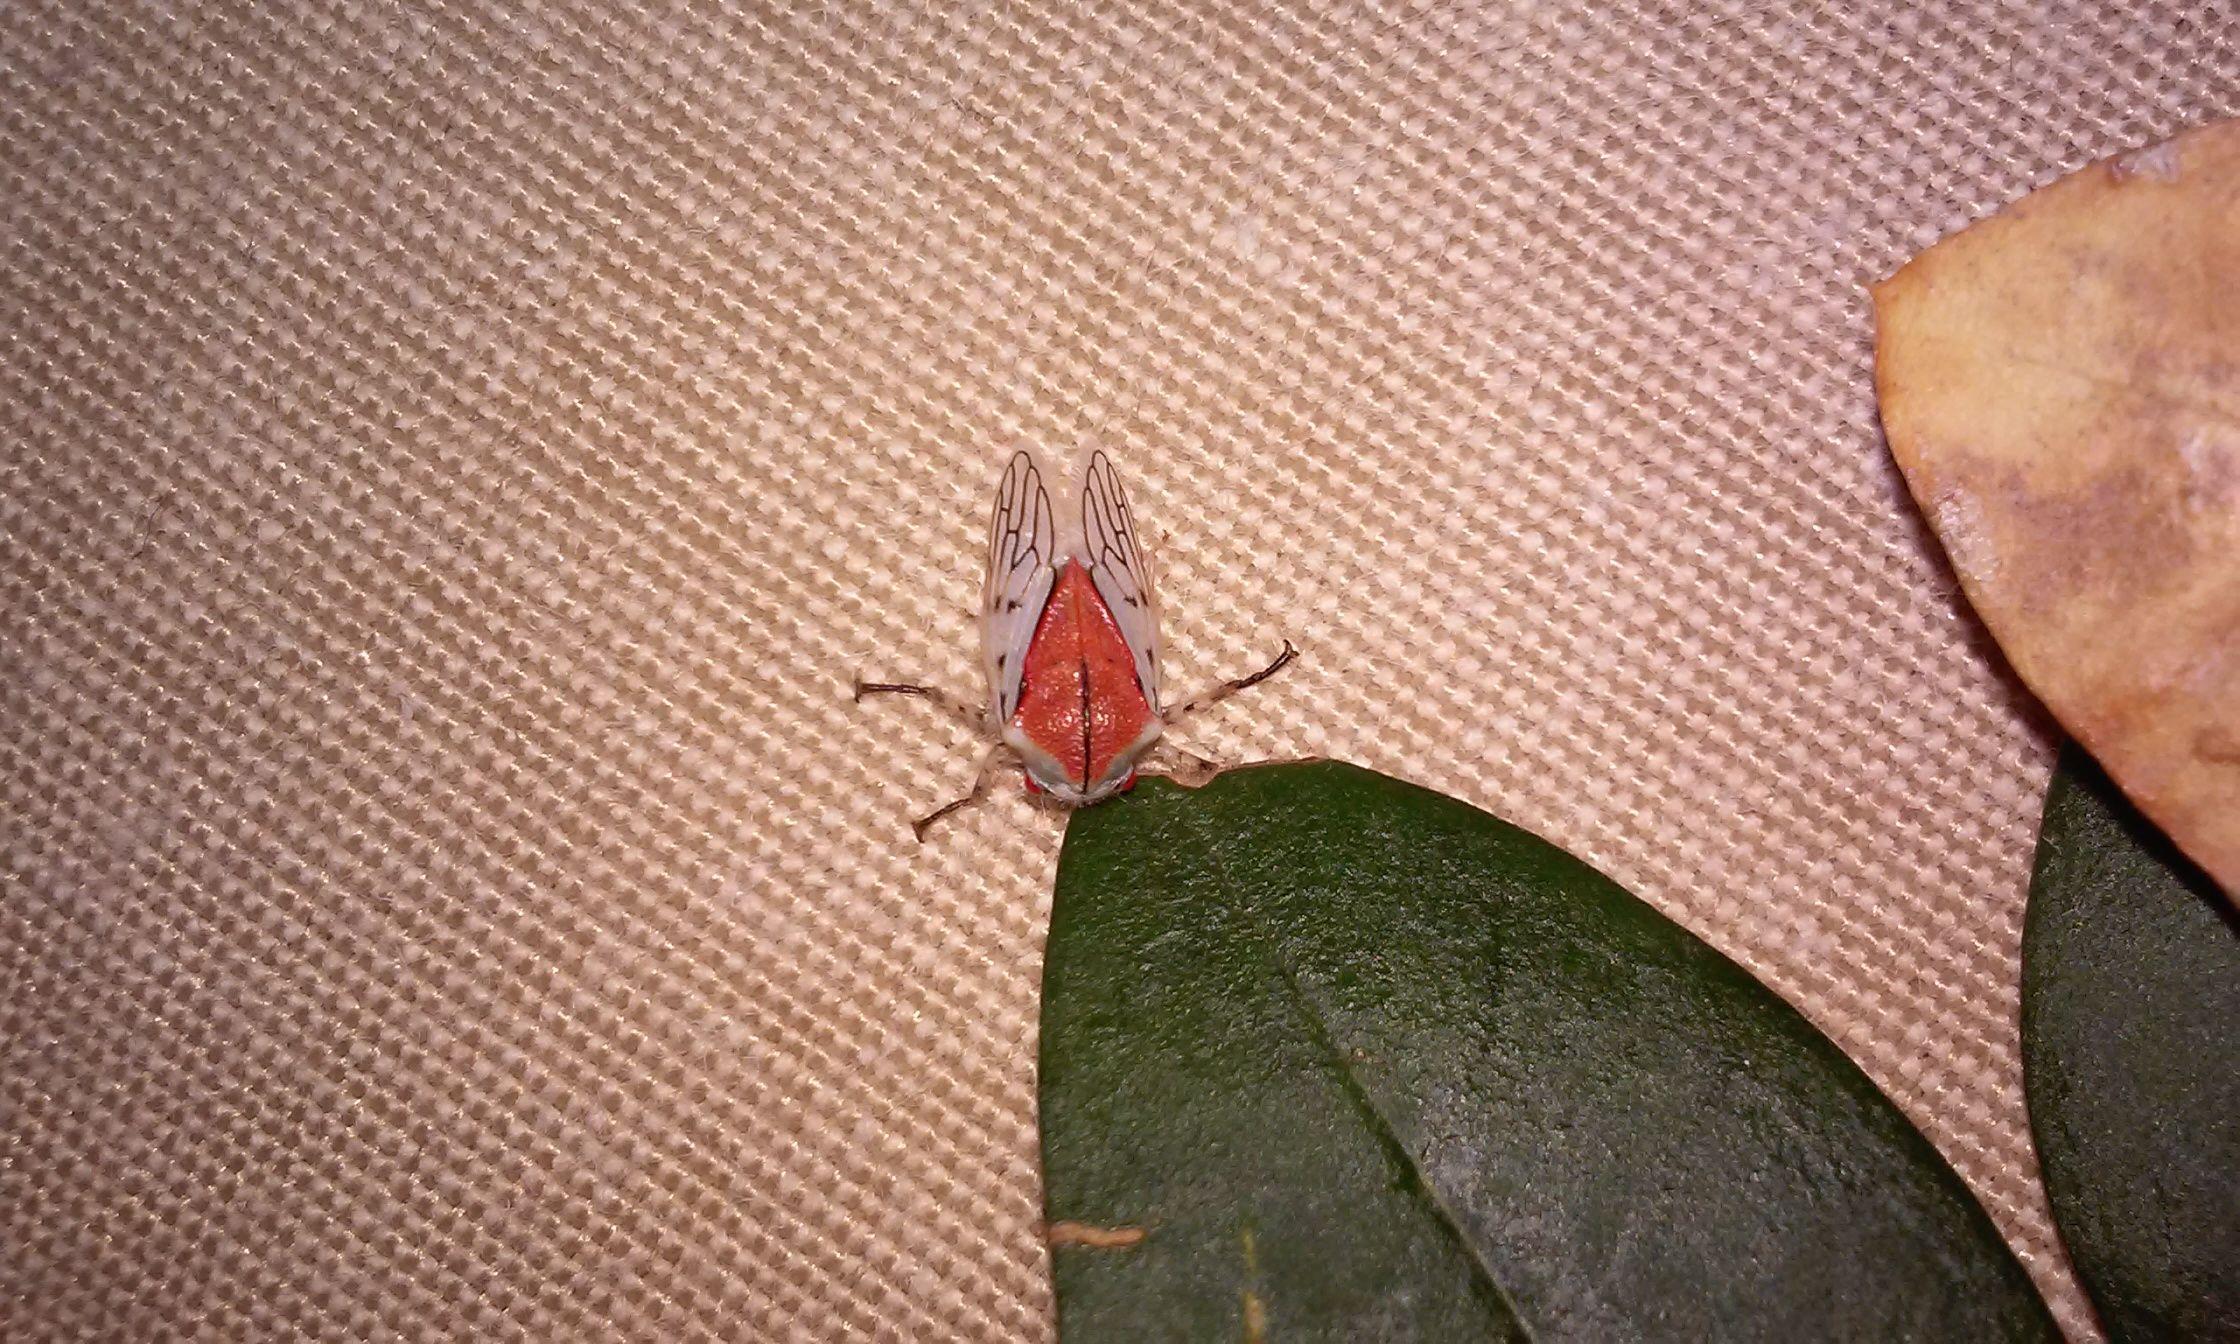 Para wikifauna insecto alas